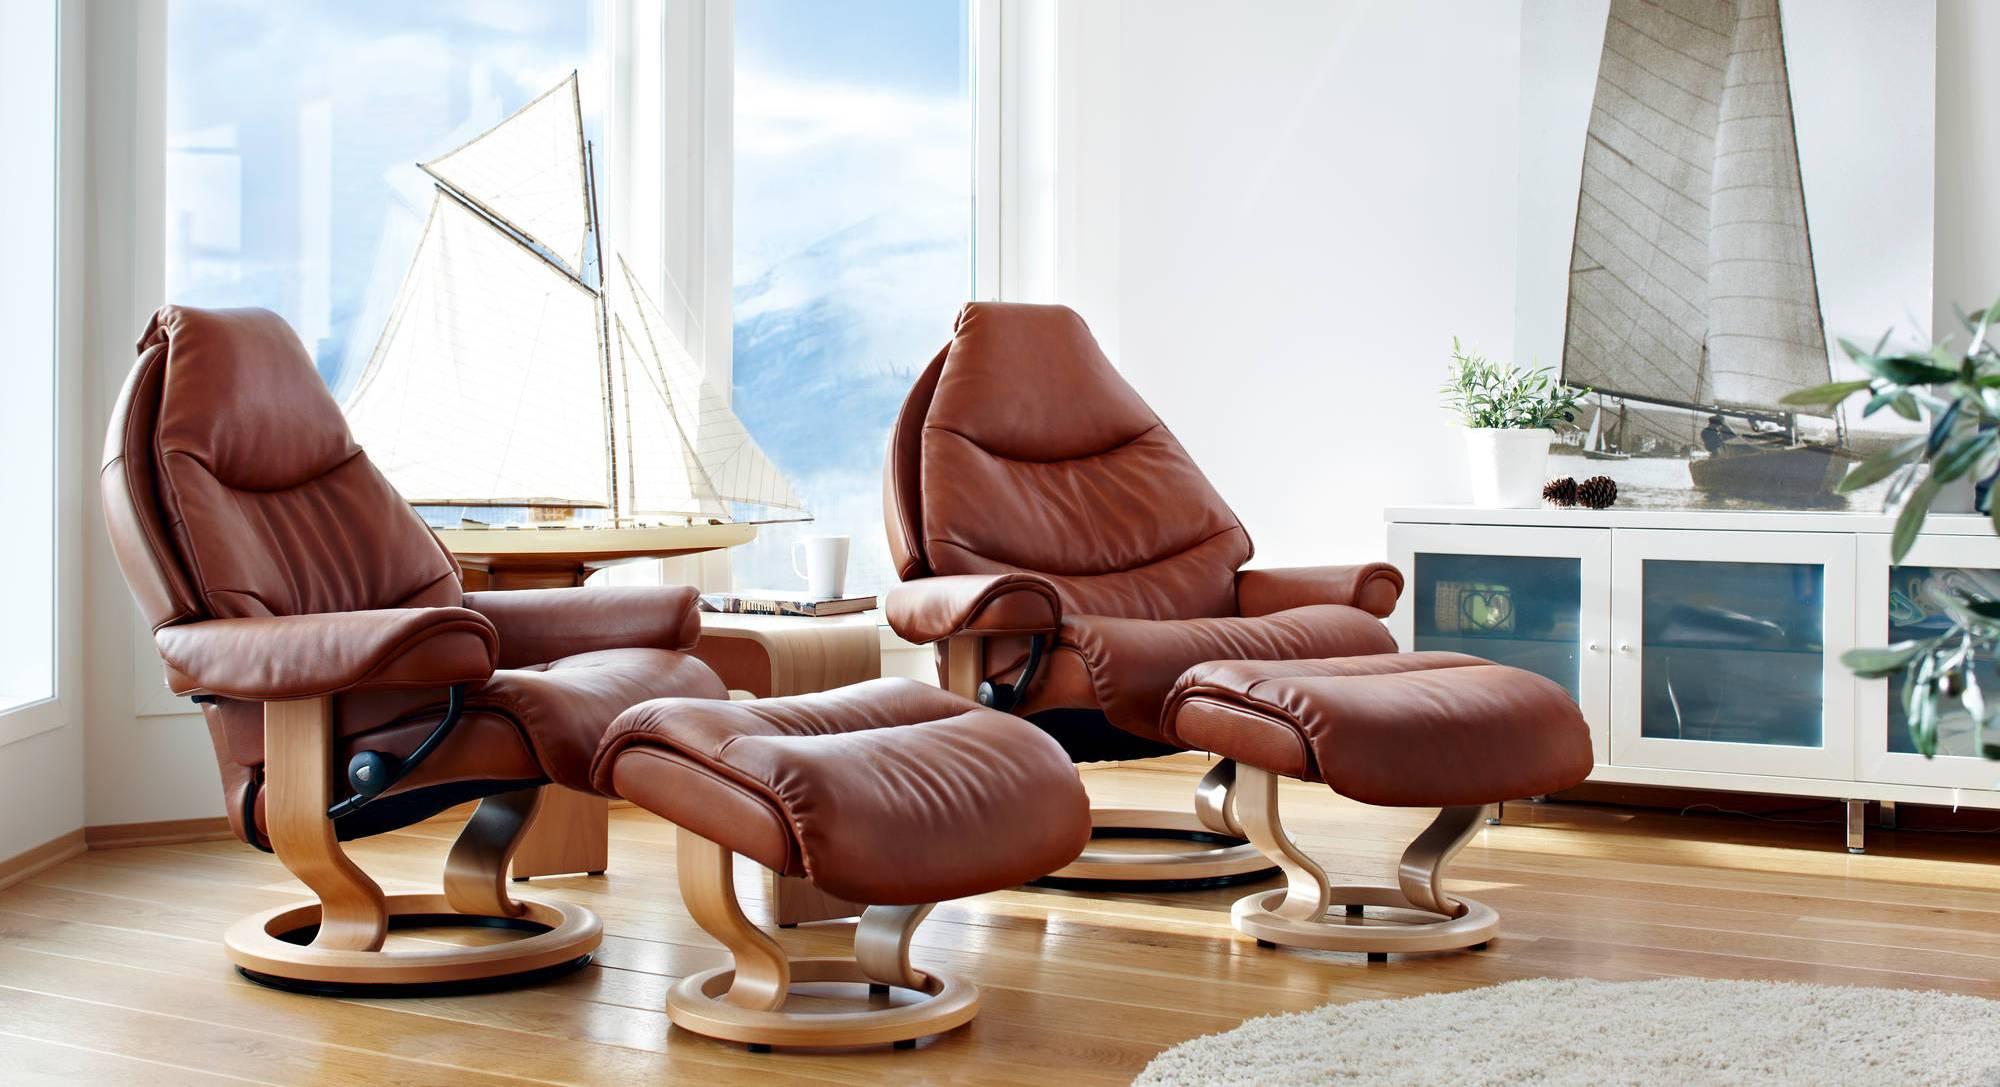 Кресла для отдыха - избавление от усталости и от проблем с позвоночником